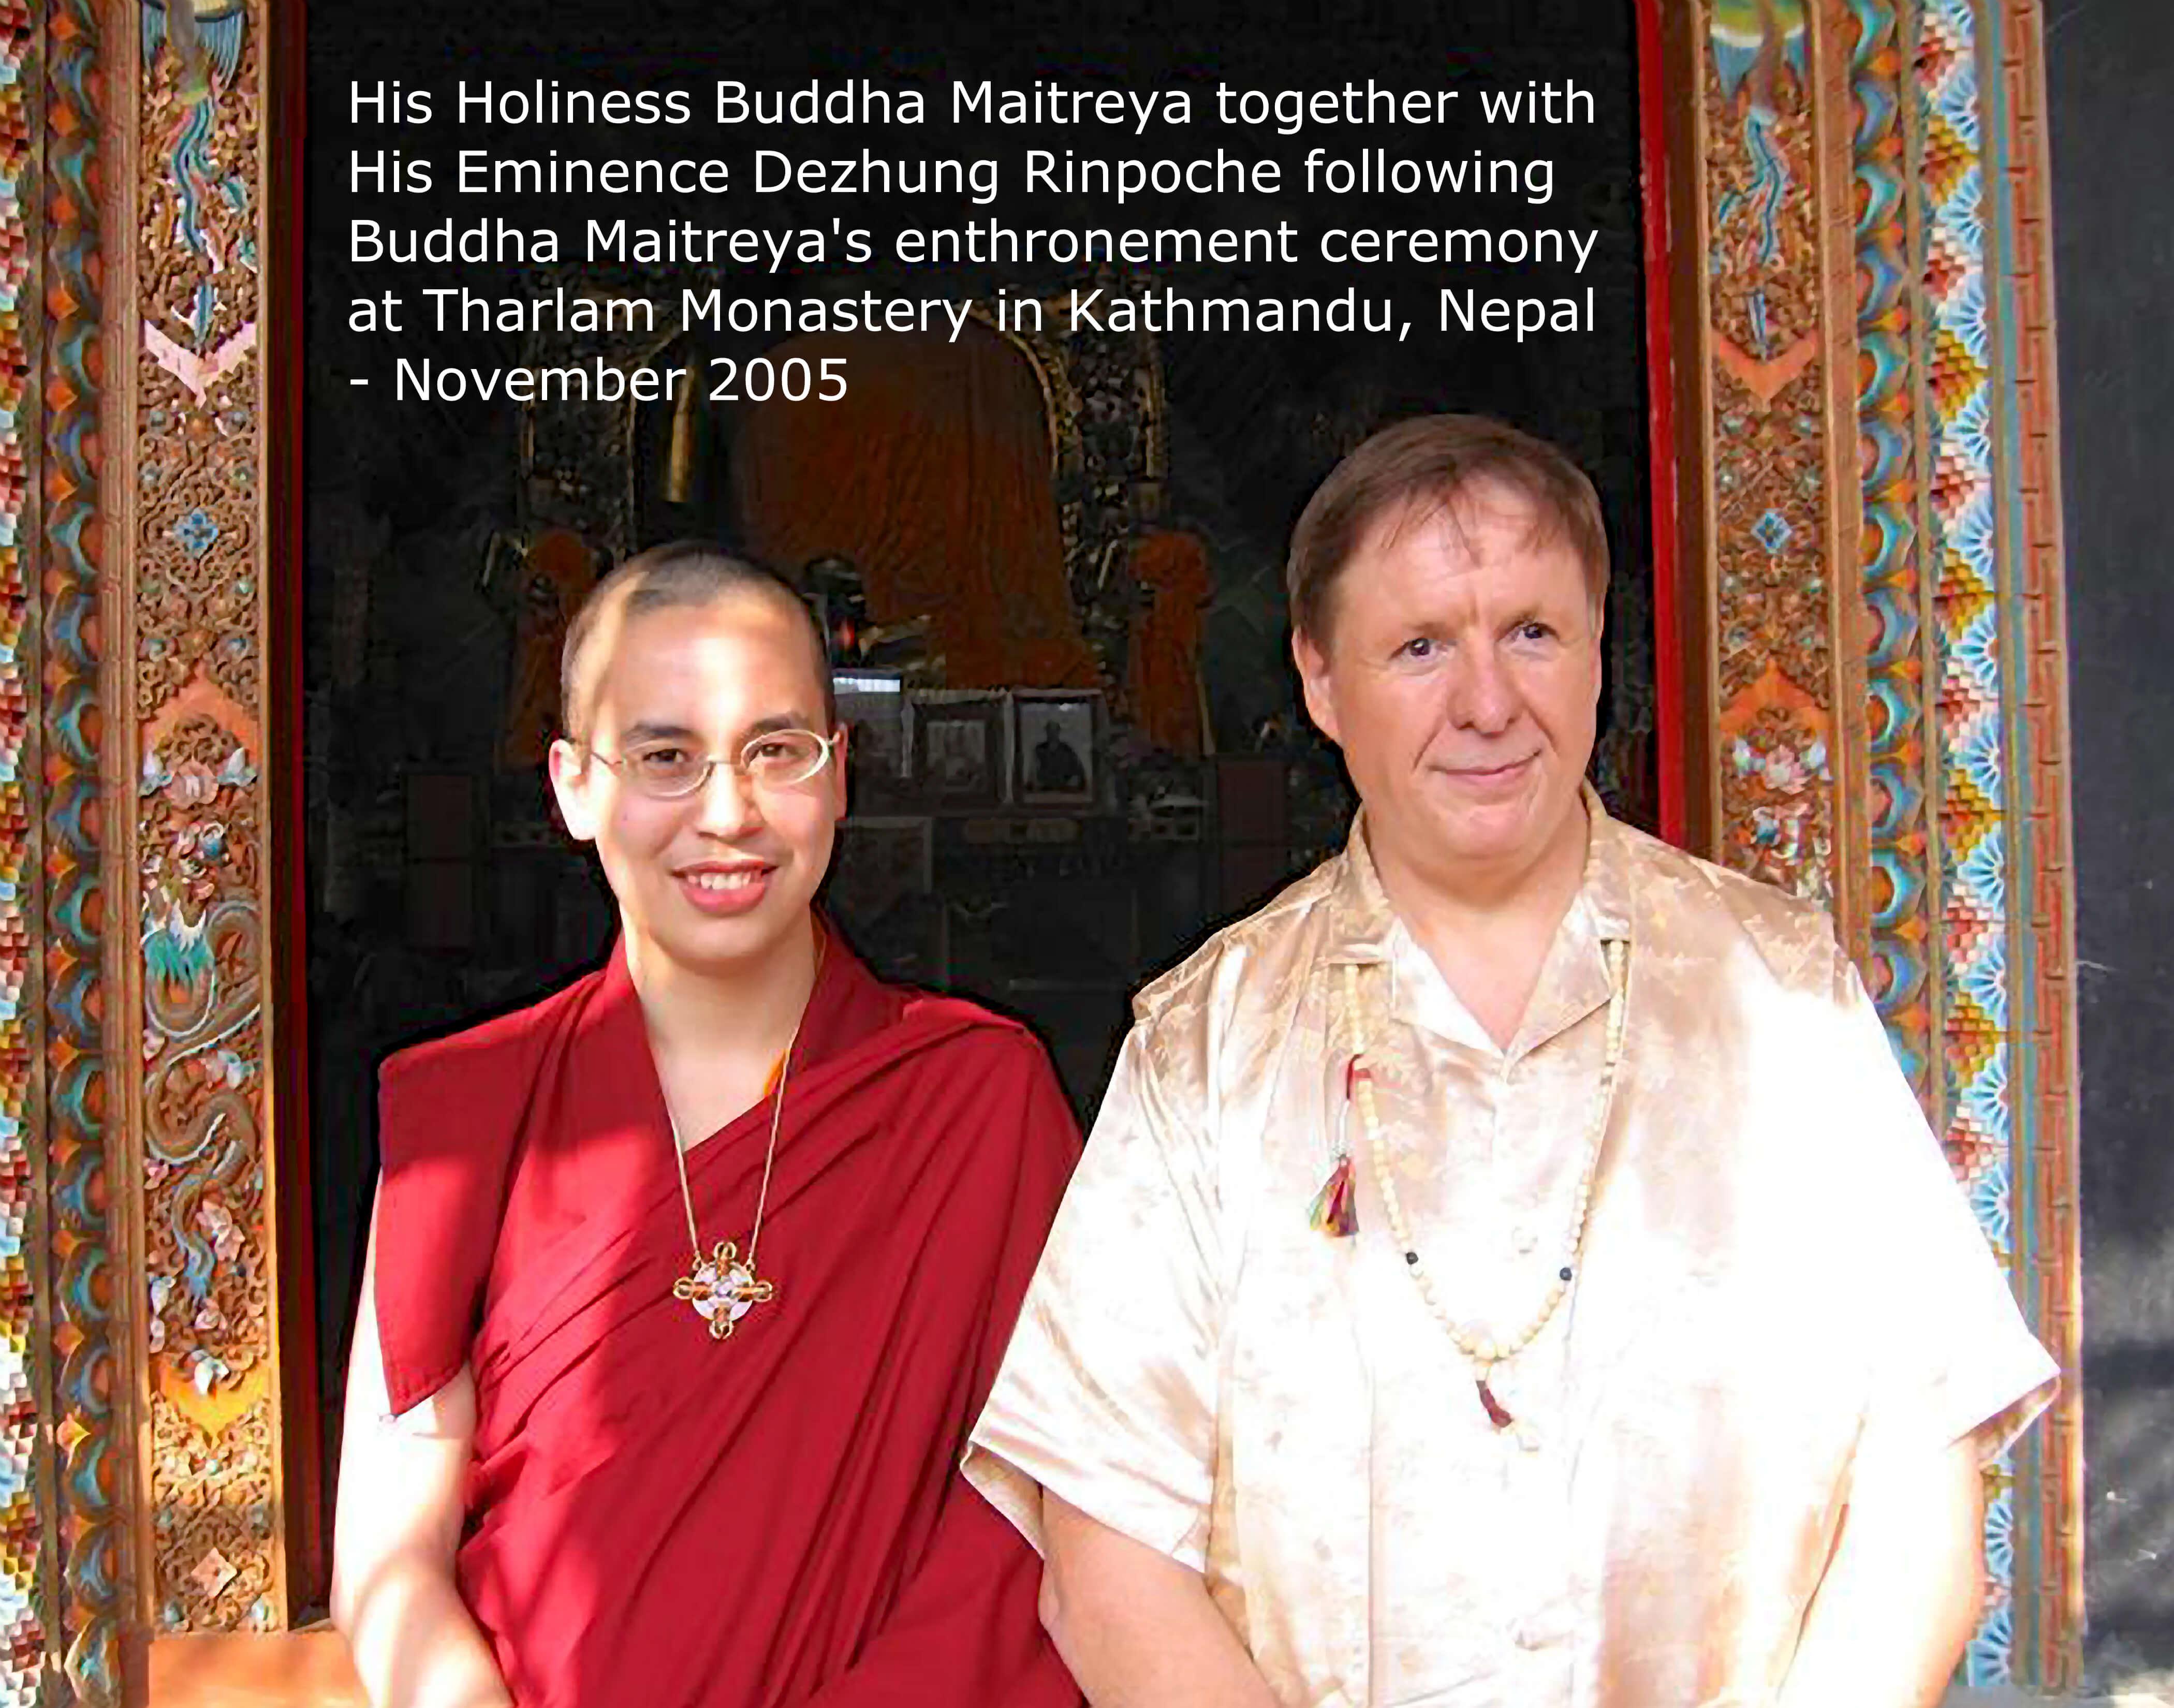 Buddha Maitreya with Dezhung Rinpoche